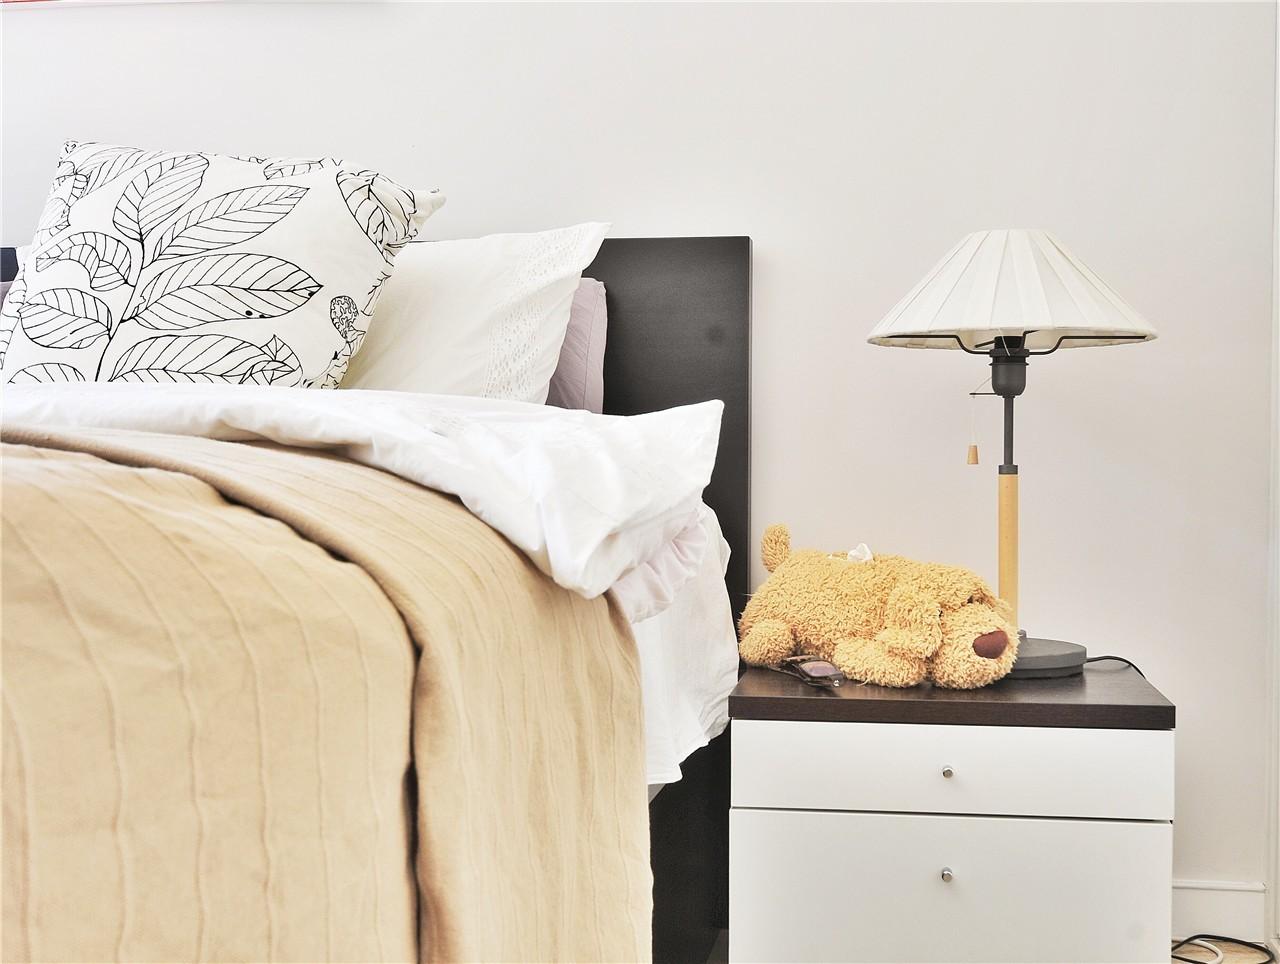 小卧室装修效果图,打造你专属的精美小天地! 卧室装修,小卧室设计图,效果图,打造,专属 第5张图片